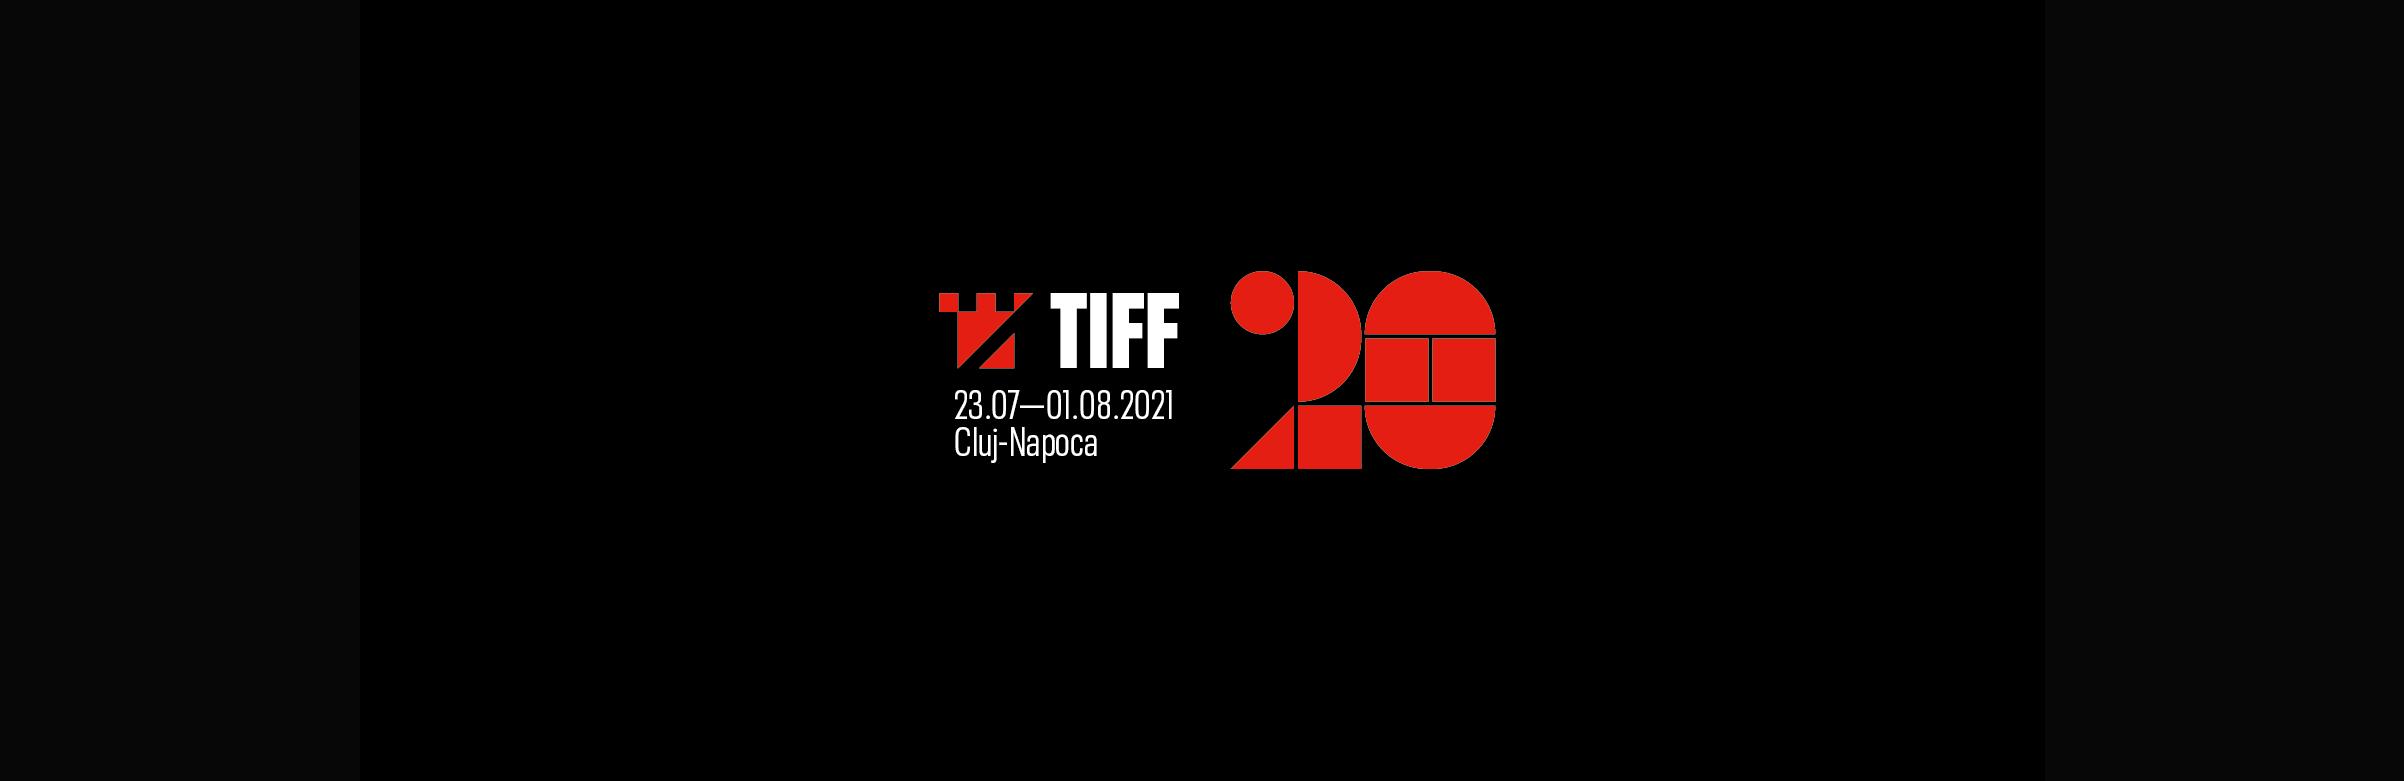 TIFF.20